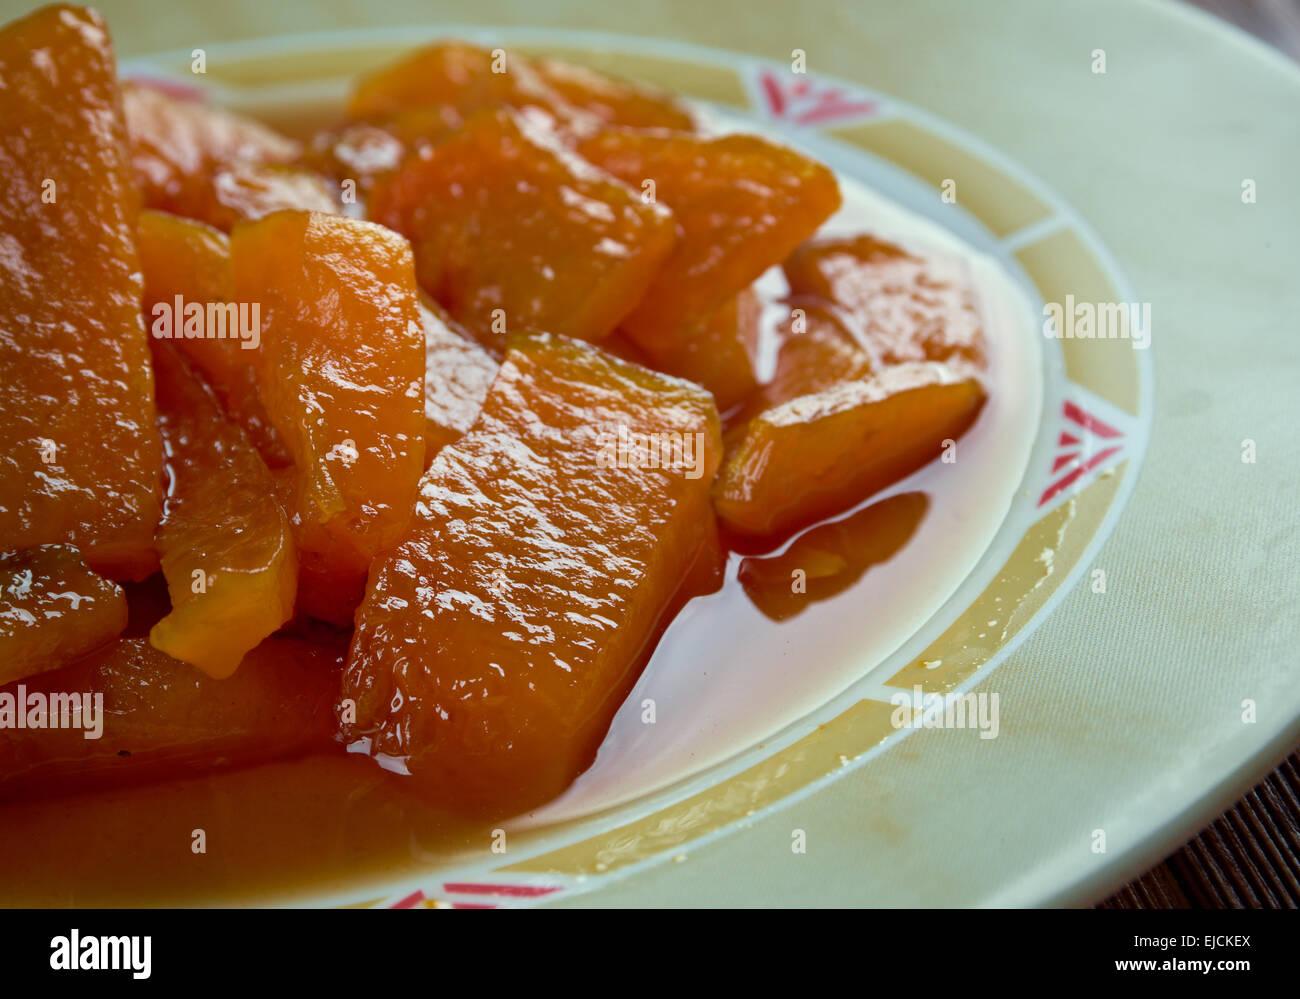 Calabaza con azucar moreno - Stock Image